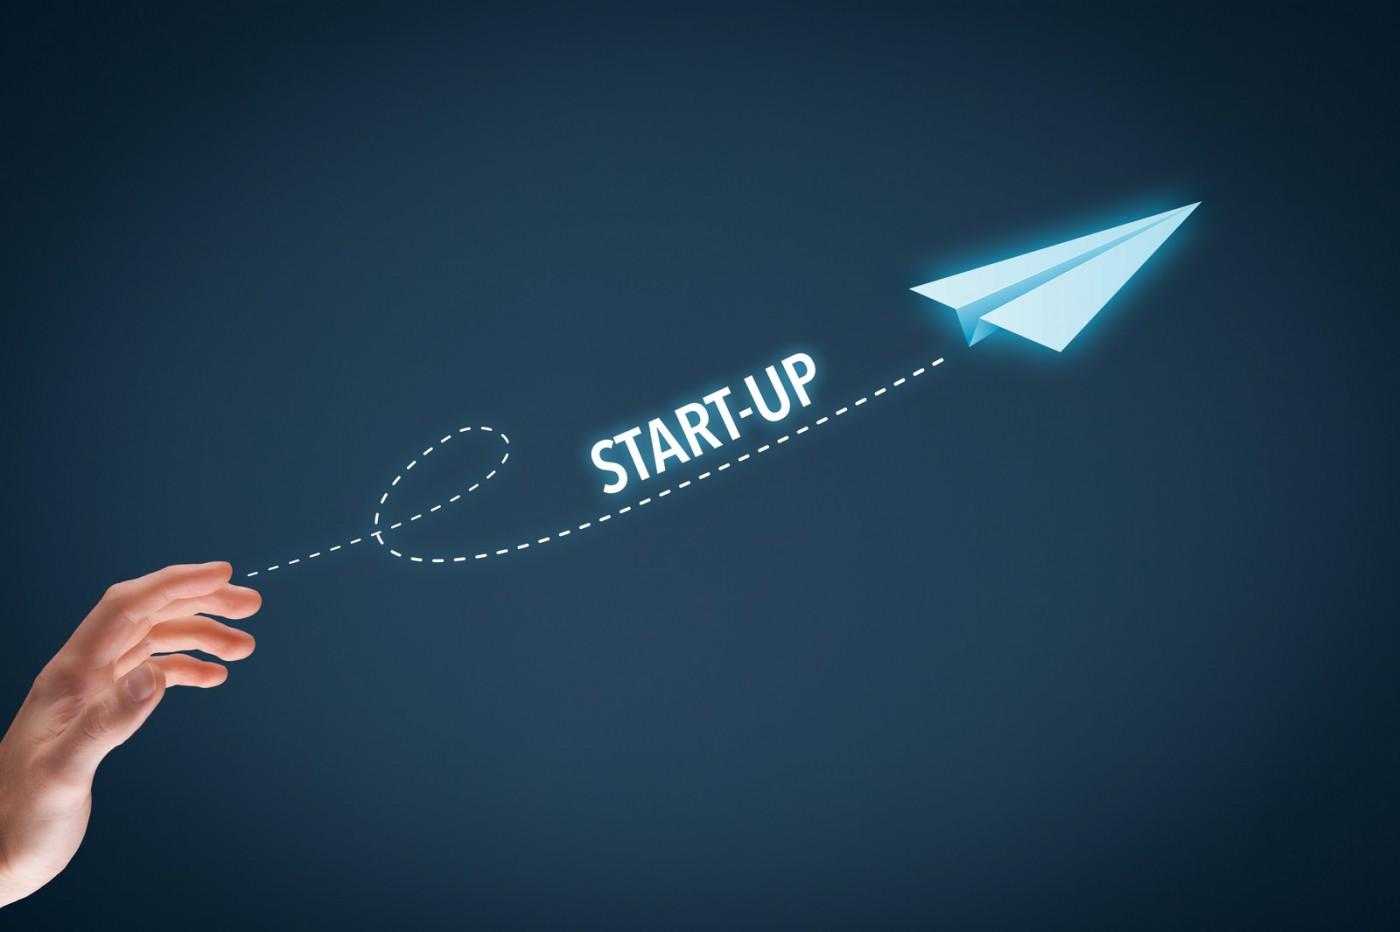 創業真情告白:寫給五年後走在創業路上的自己